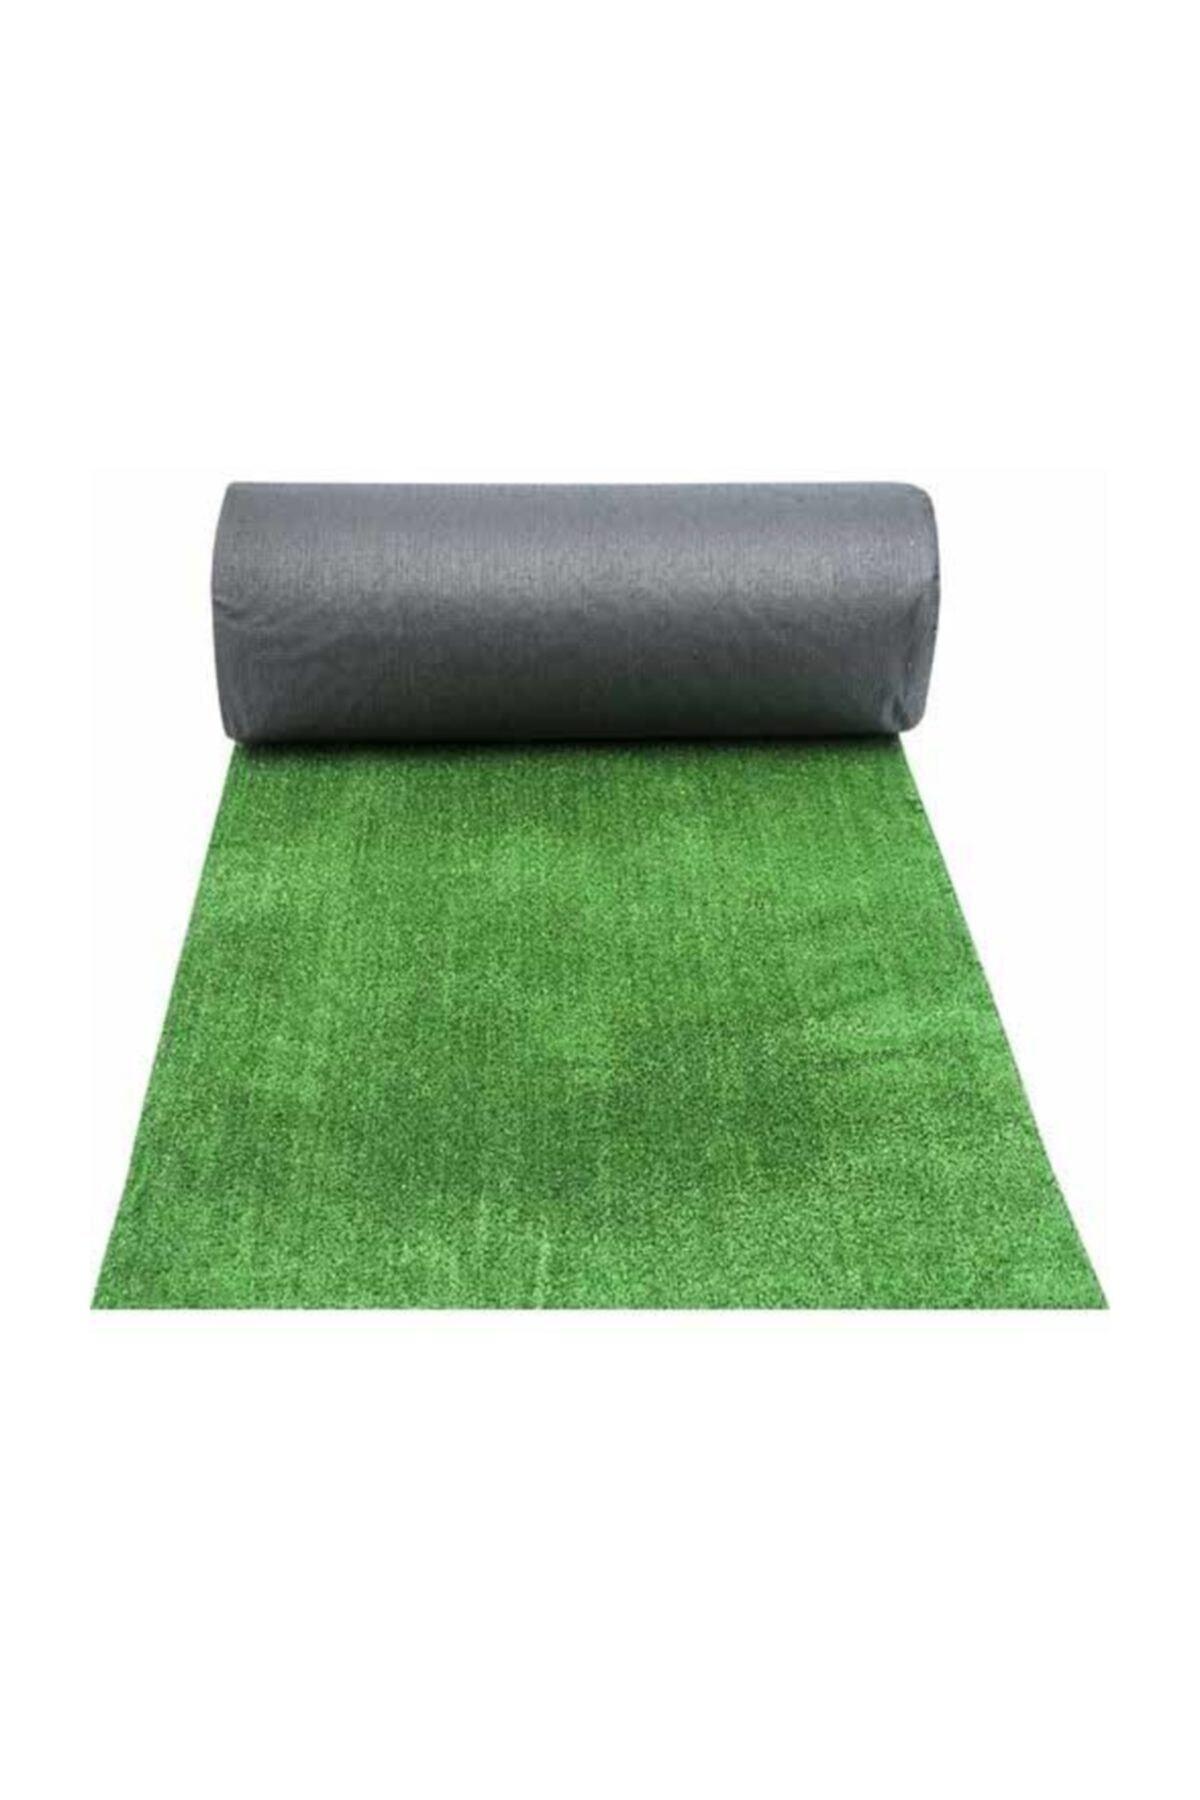 Yapay Çim Halı Yeşil 7mm Kalınlık - Eni 200cm